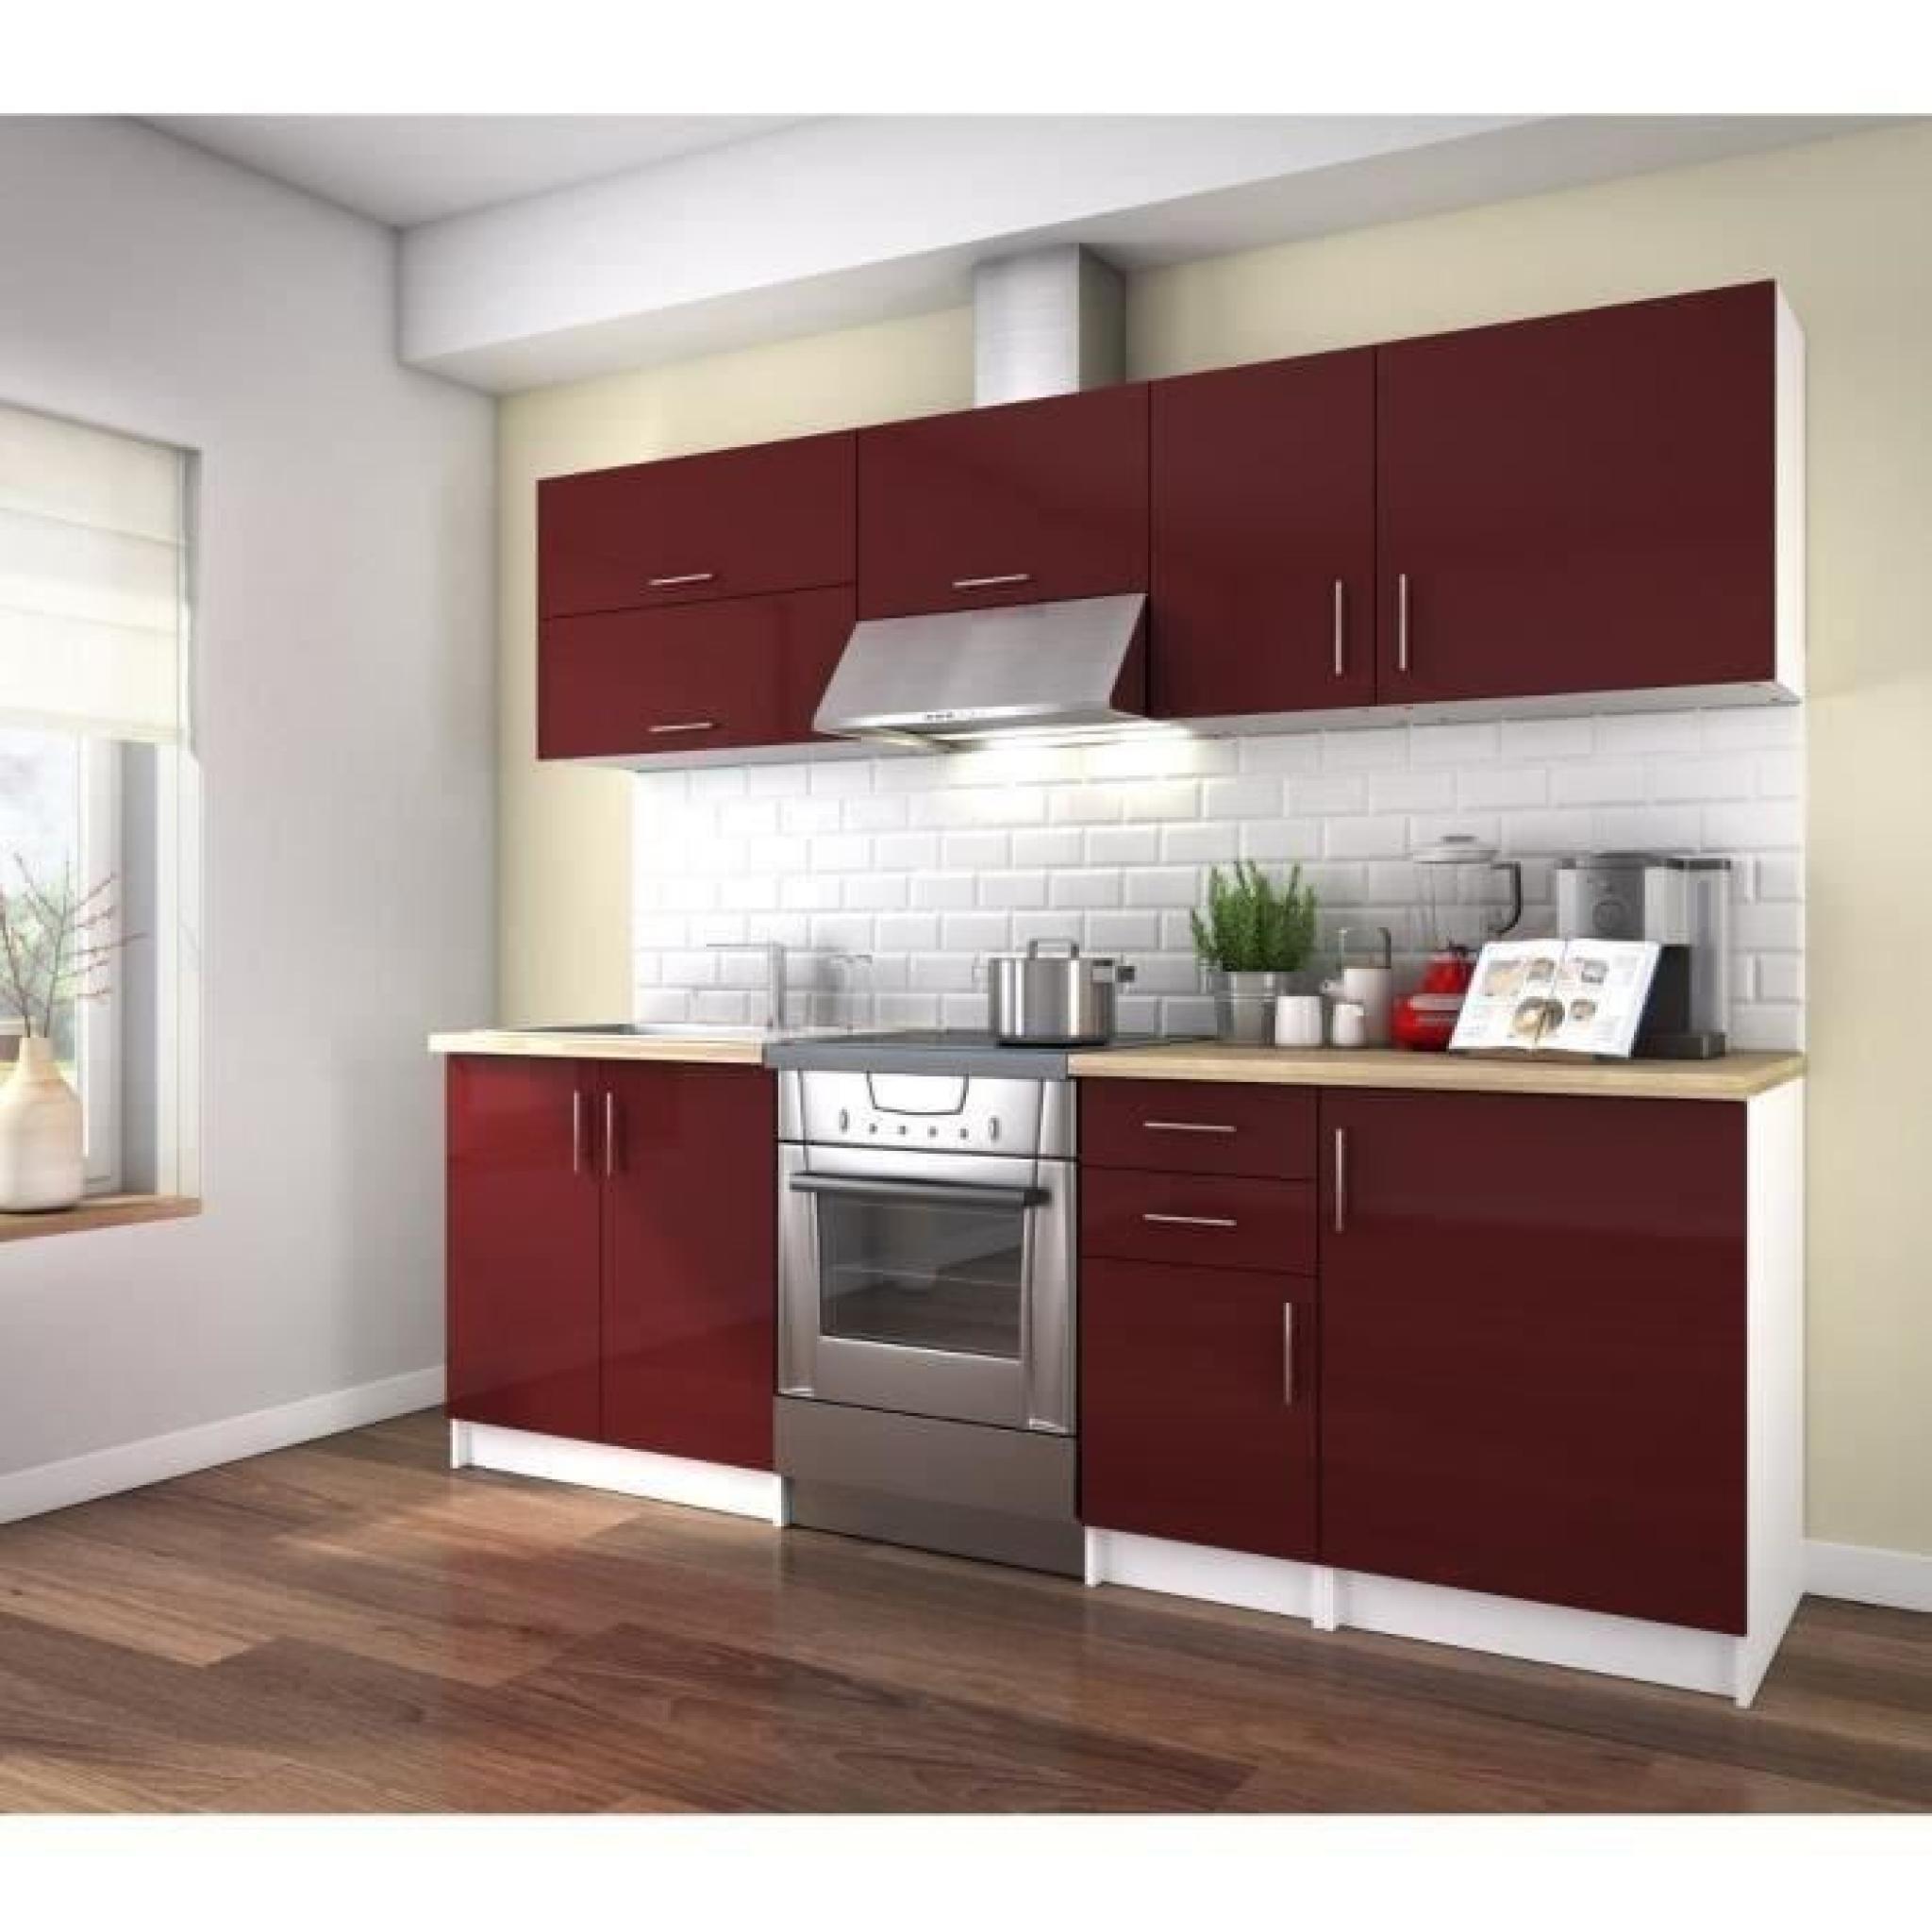 obi cuisine compl te 2m40 laqu bordeaux haute brillance achat vente cuisine complete pas. Black Bedroom Furniture Sets. Home Design Ideas